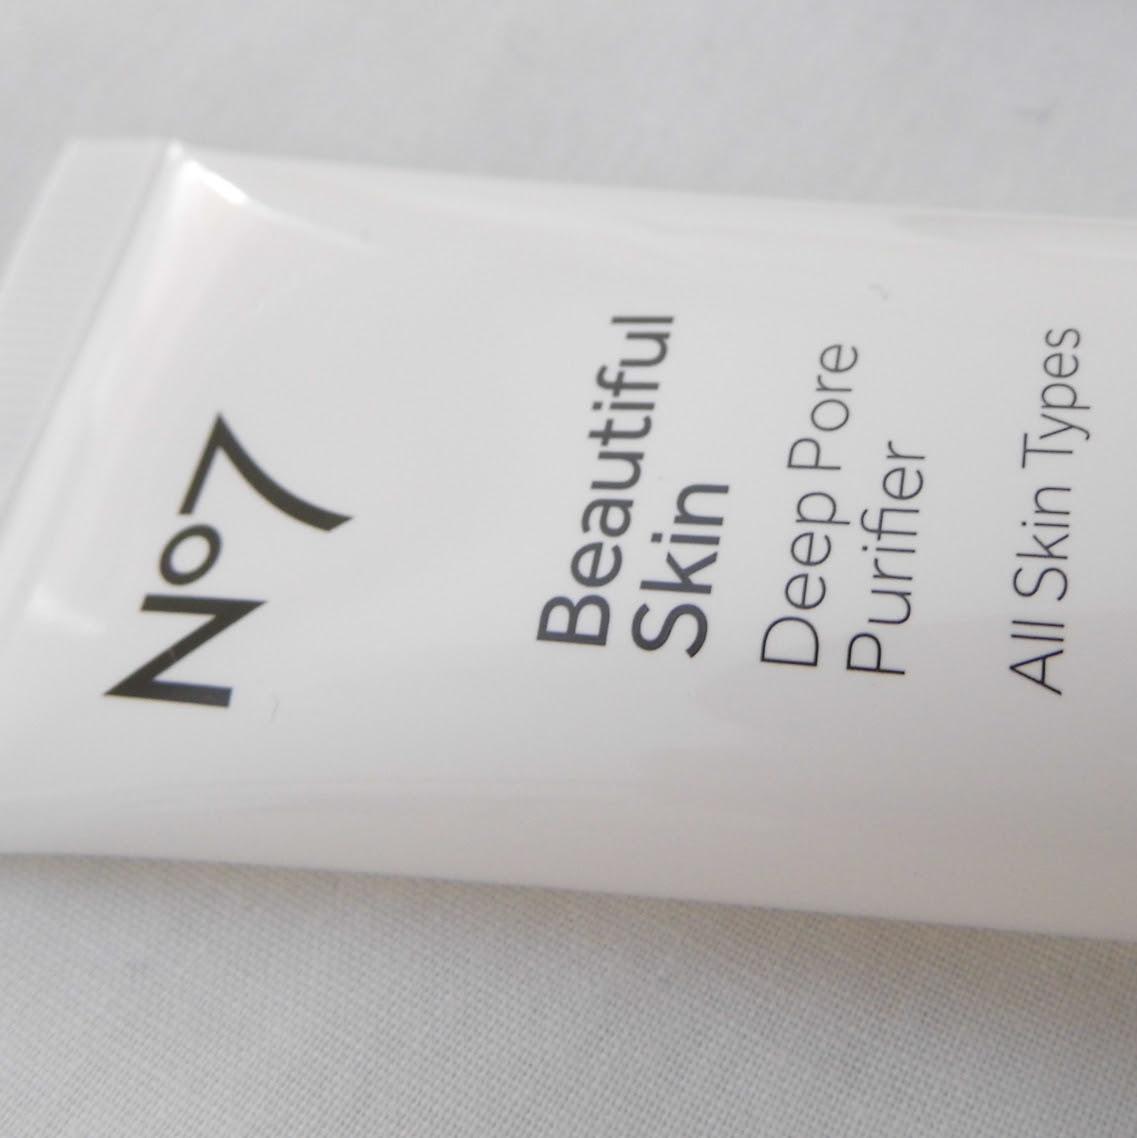 Boots No7 Beautiful Skin Deep Pore Purifier